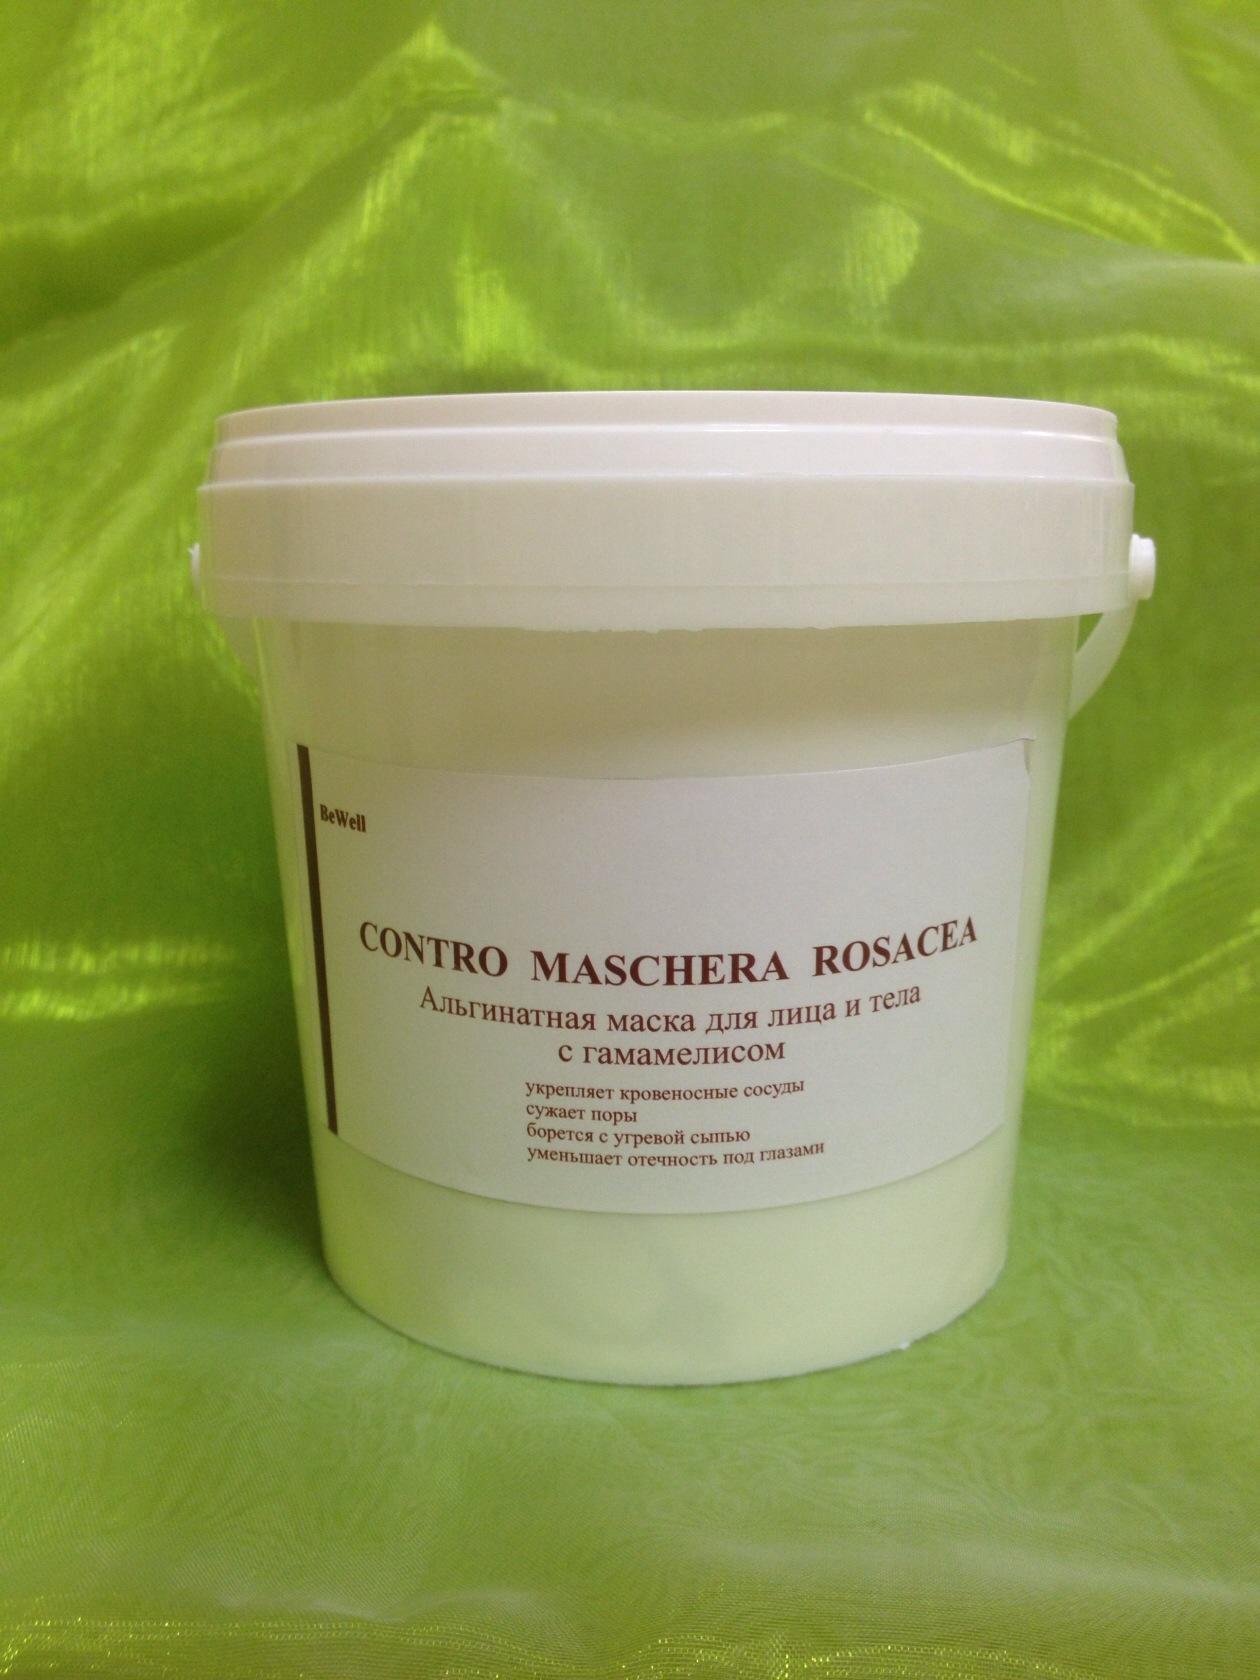 HORTUS FRATRIS ����� ����������� ��� ���� � ���� �������������� / CONTRO MASCHERA ROSACEA 350��